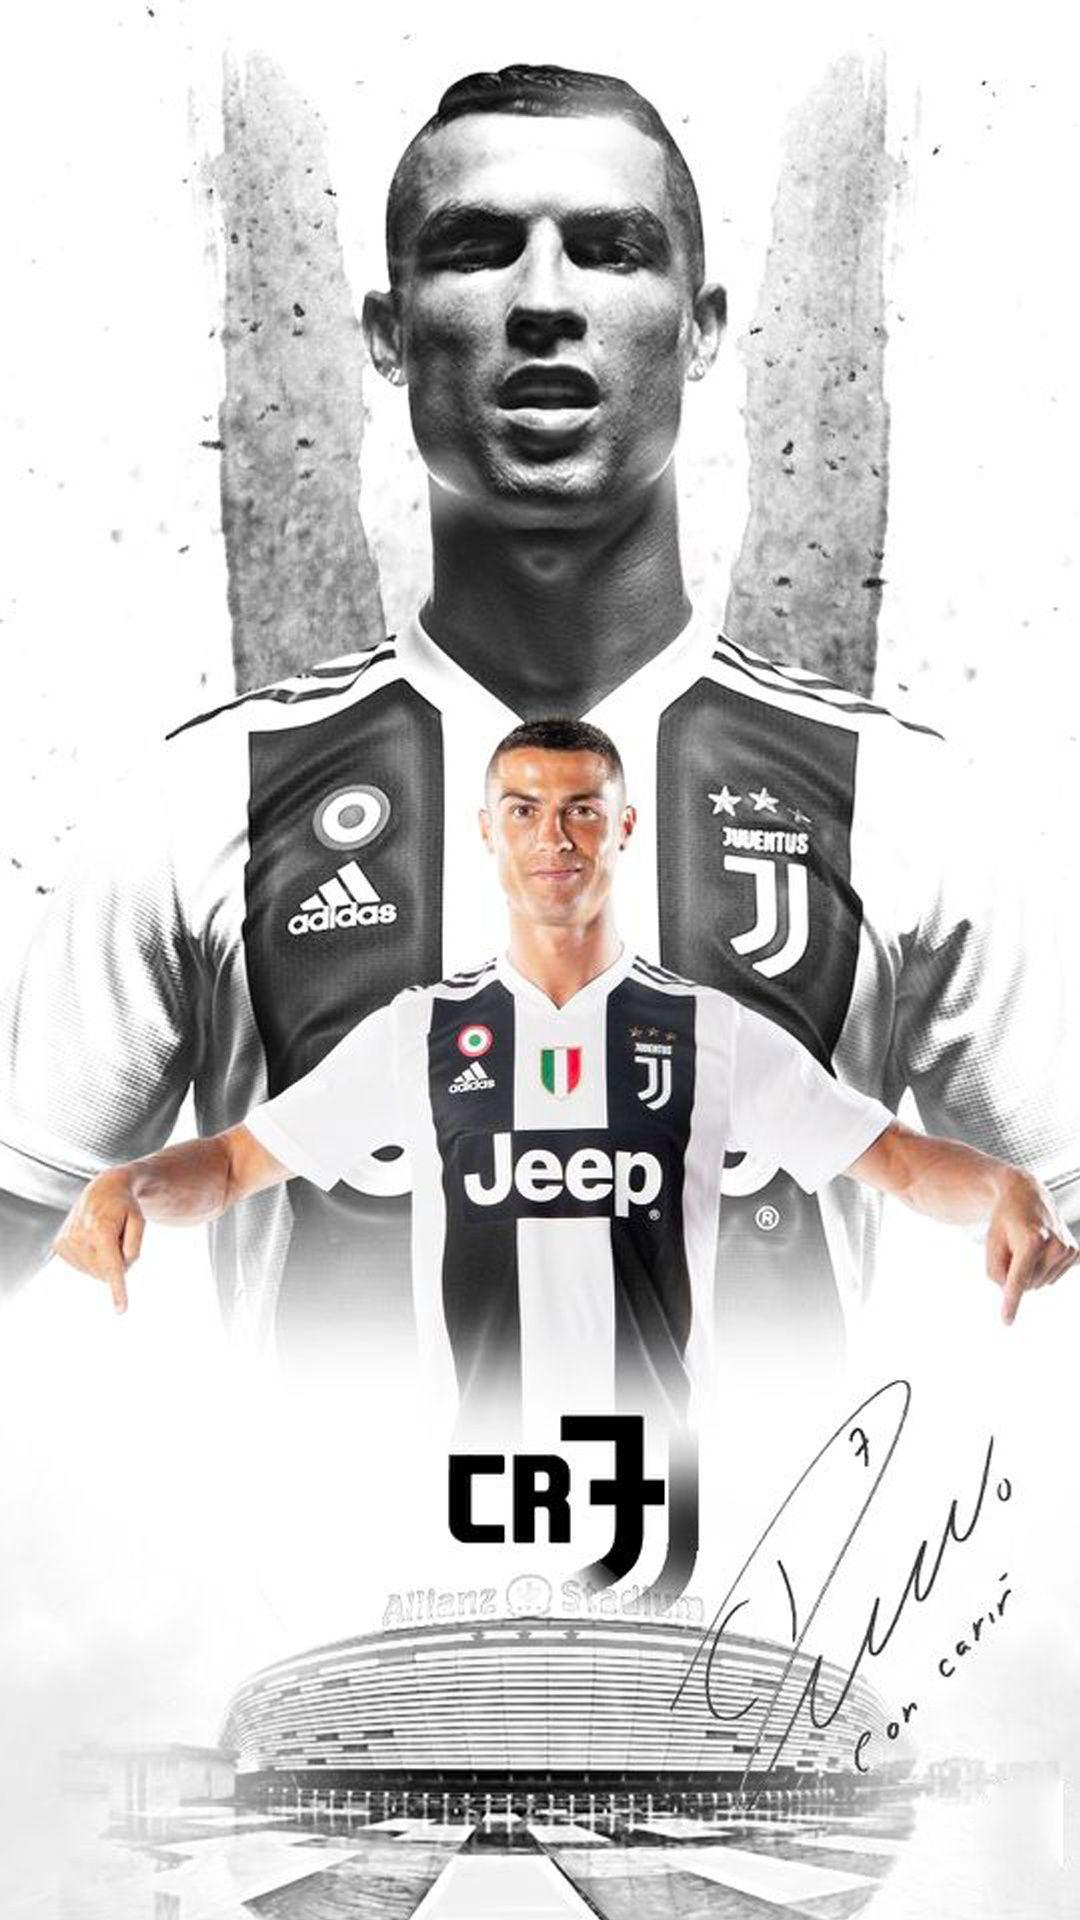 Juventus Cristianoronaldo Ronaldo Wallpapers Hd Cristiano Ronaldo Wallpapers In App Cristiano Ronaldo Junior Ronaldo Junior Cristiano Ronaldo Juventus Cristiano ronaldo hd wallpaper juventus